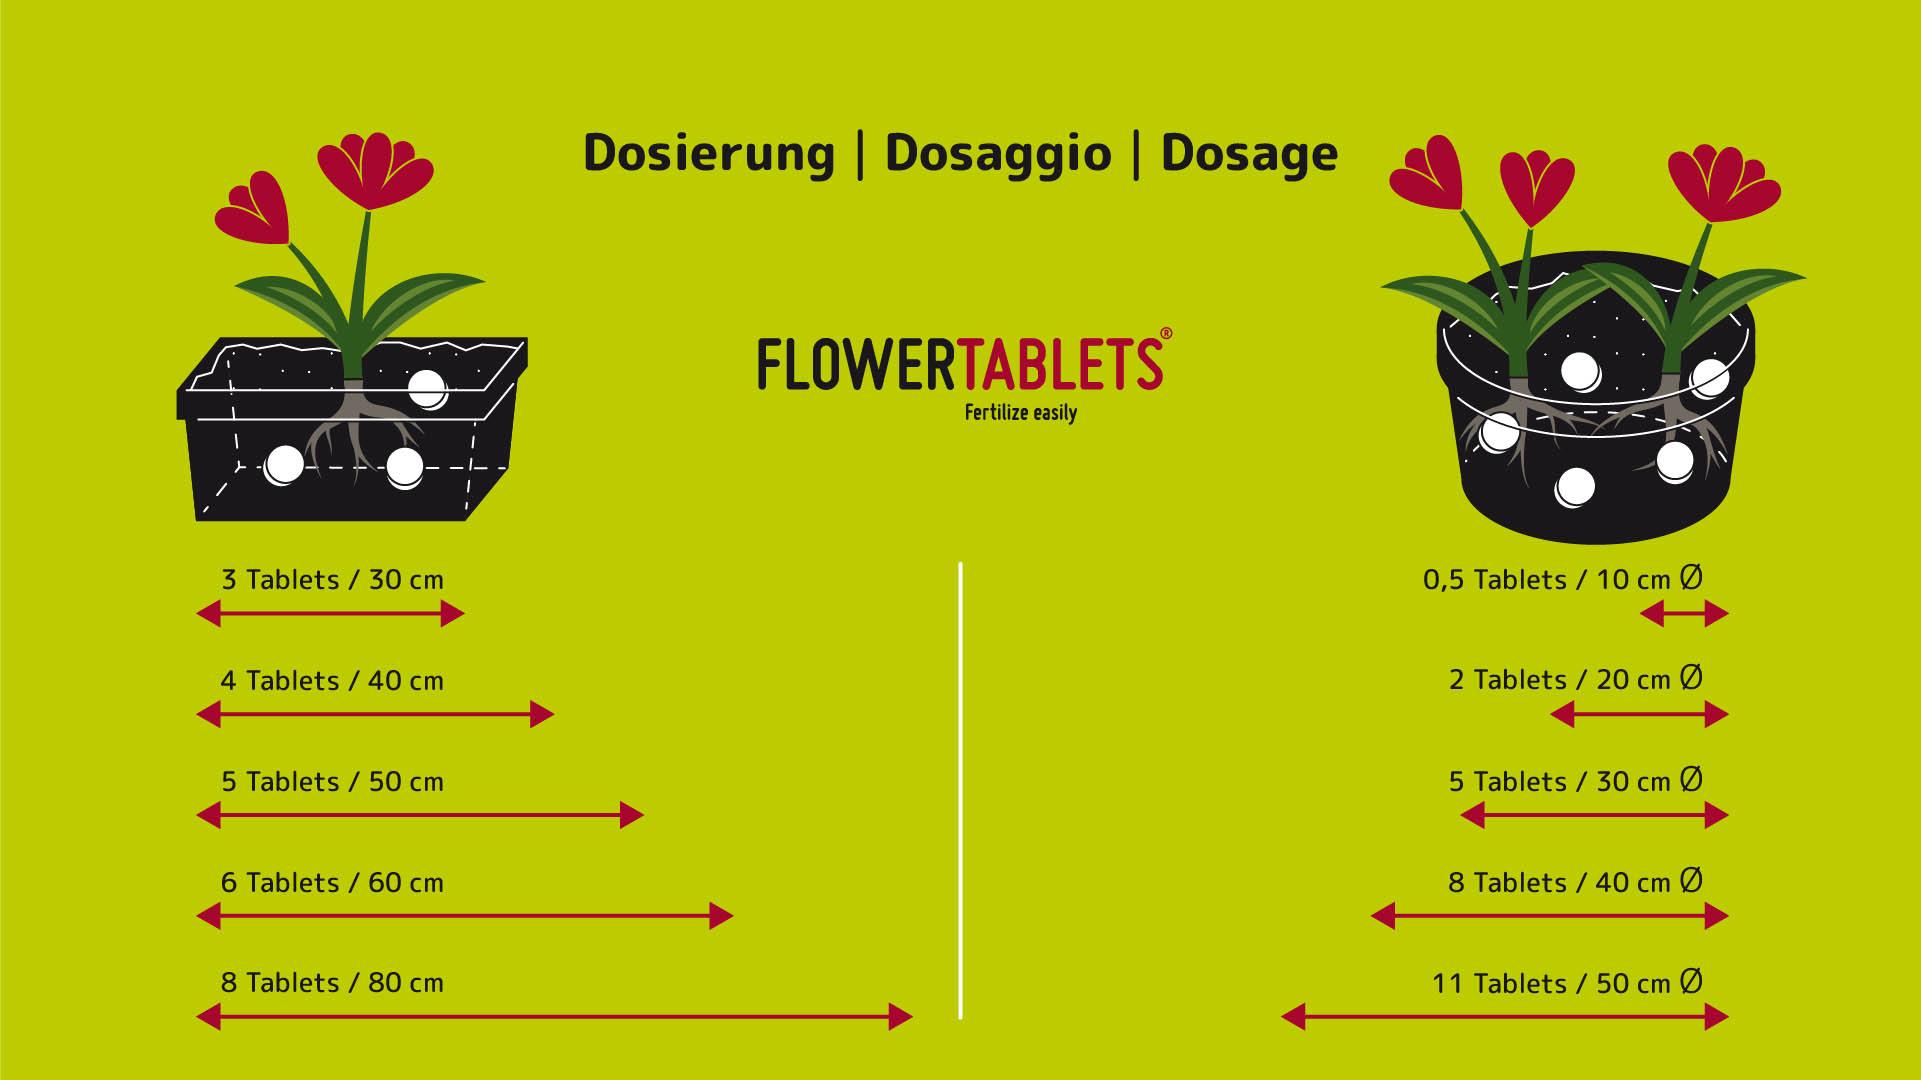 FLOWERTABLETS Factsheet